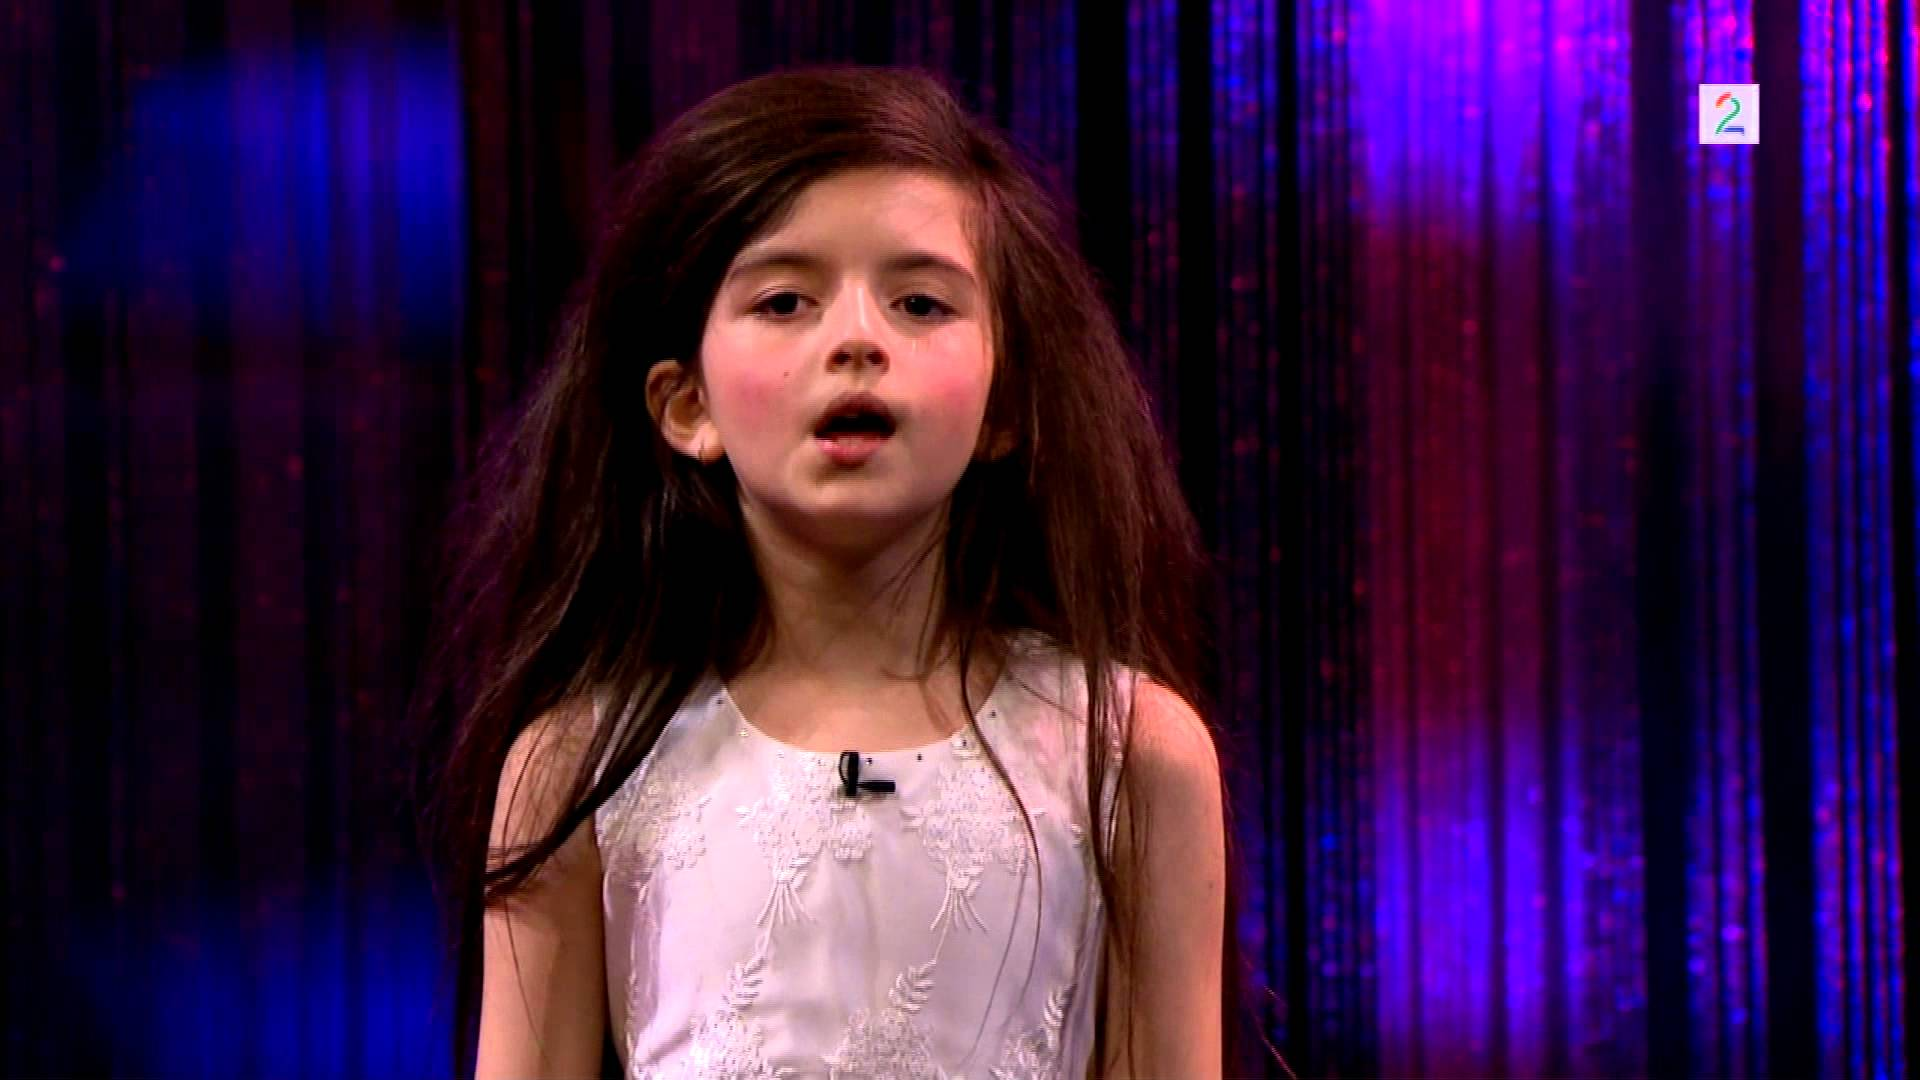 【世界が感動】8歳の少女が歌う『フライミートゥーザムーン』がすごい